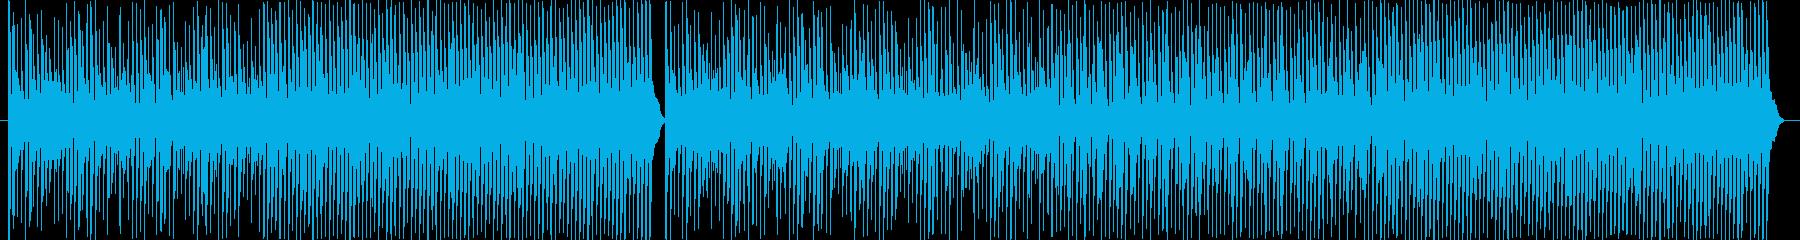 カワイイ、コミカルの再生済みの波形